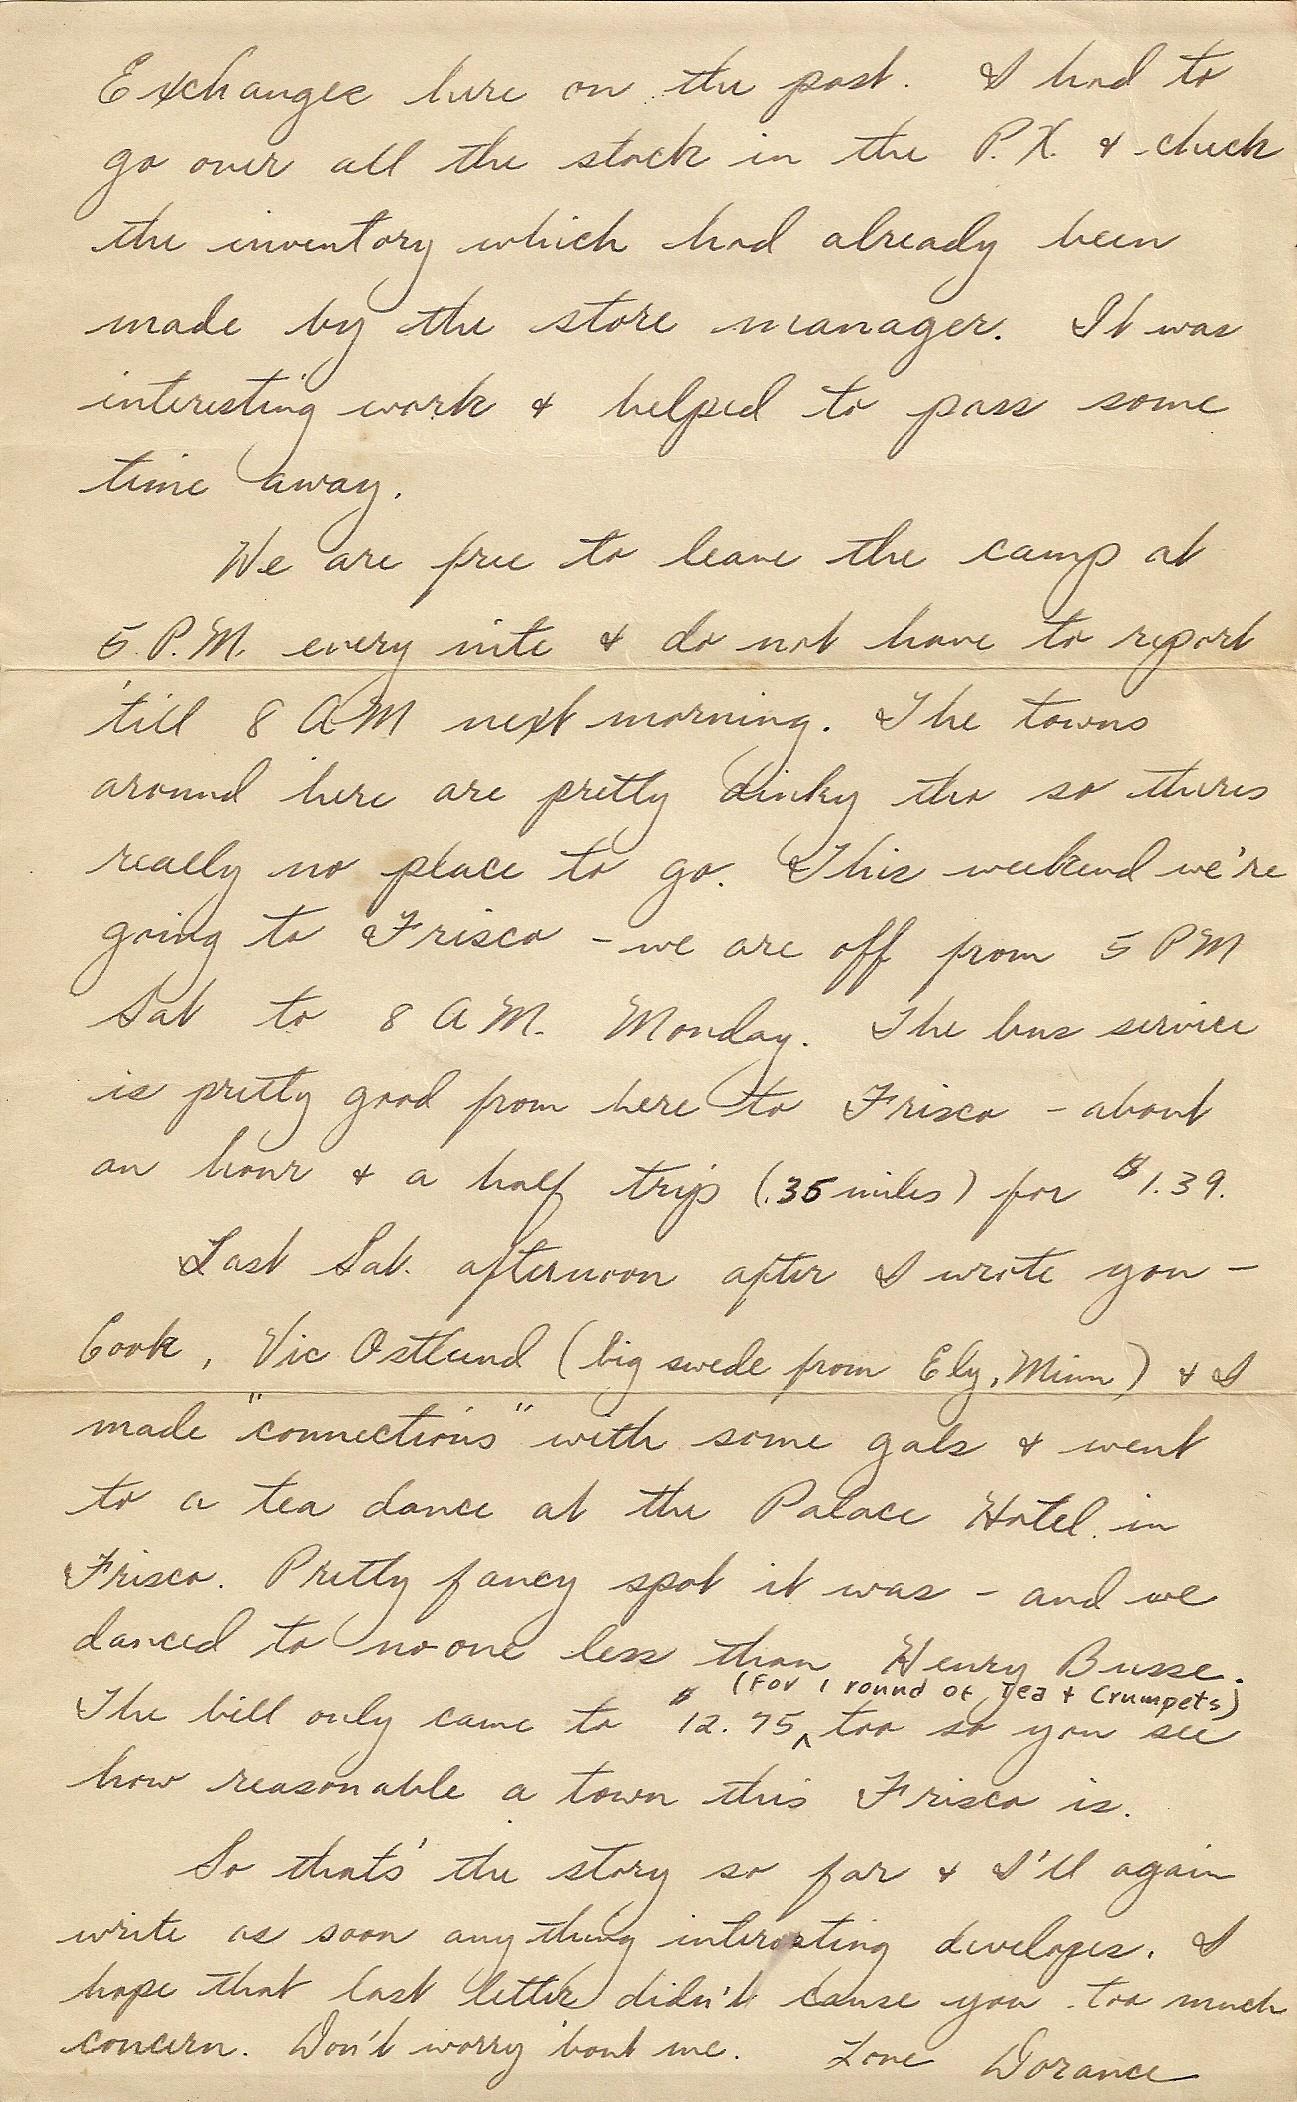 5.25.1943b.jpg